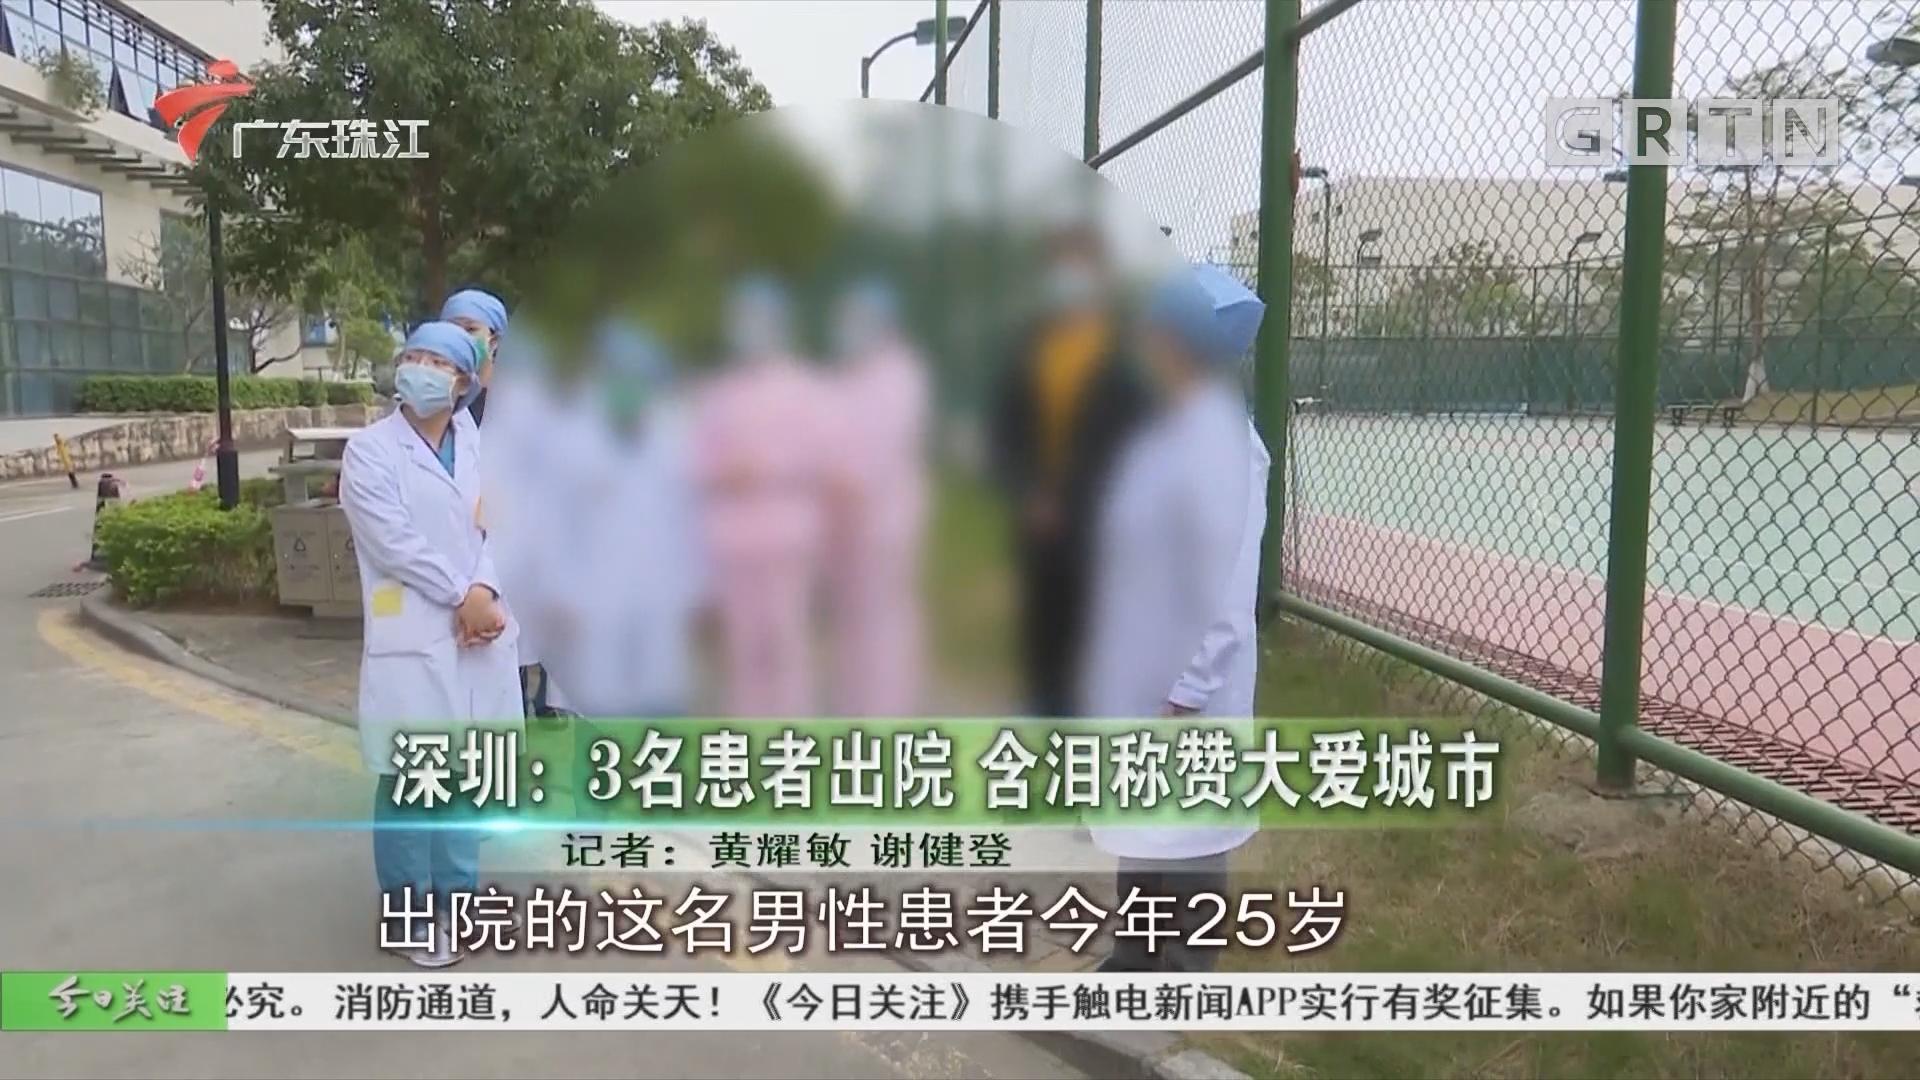 深圳:3名患者出院 含泪称赞大爱城市